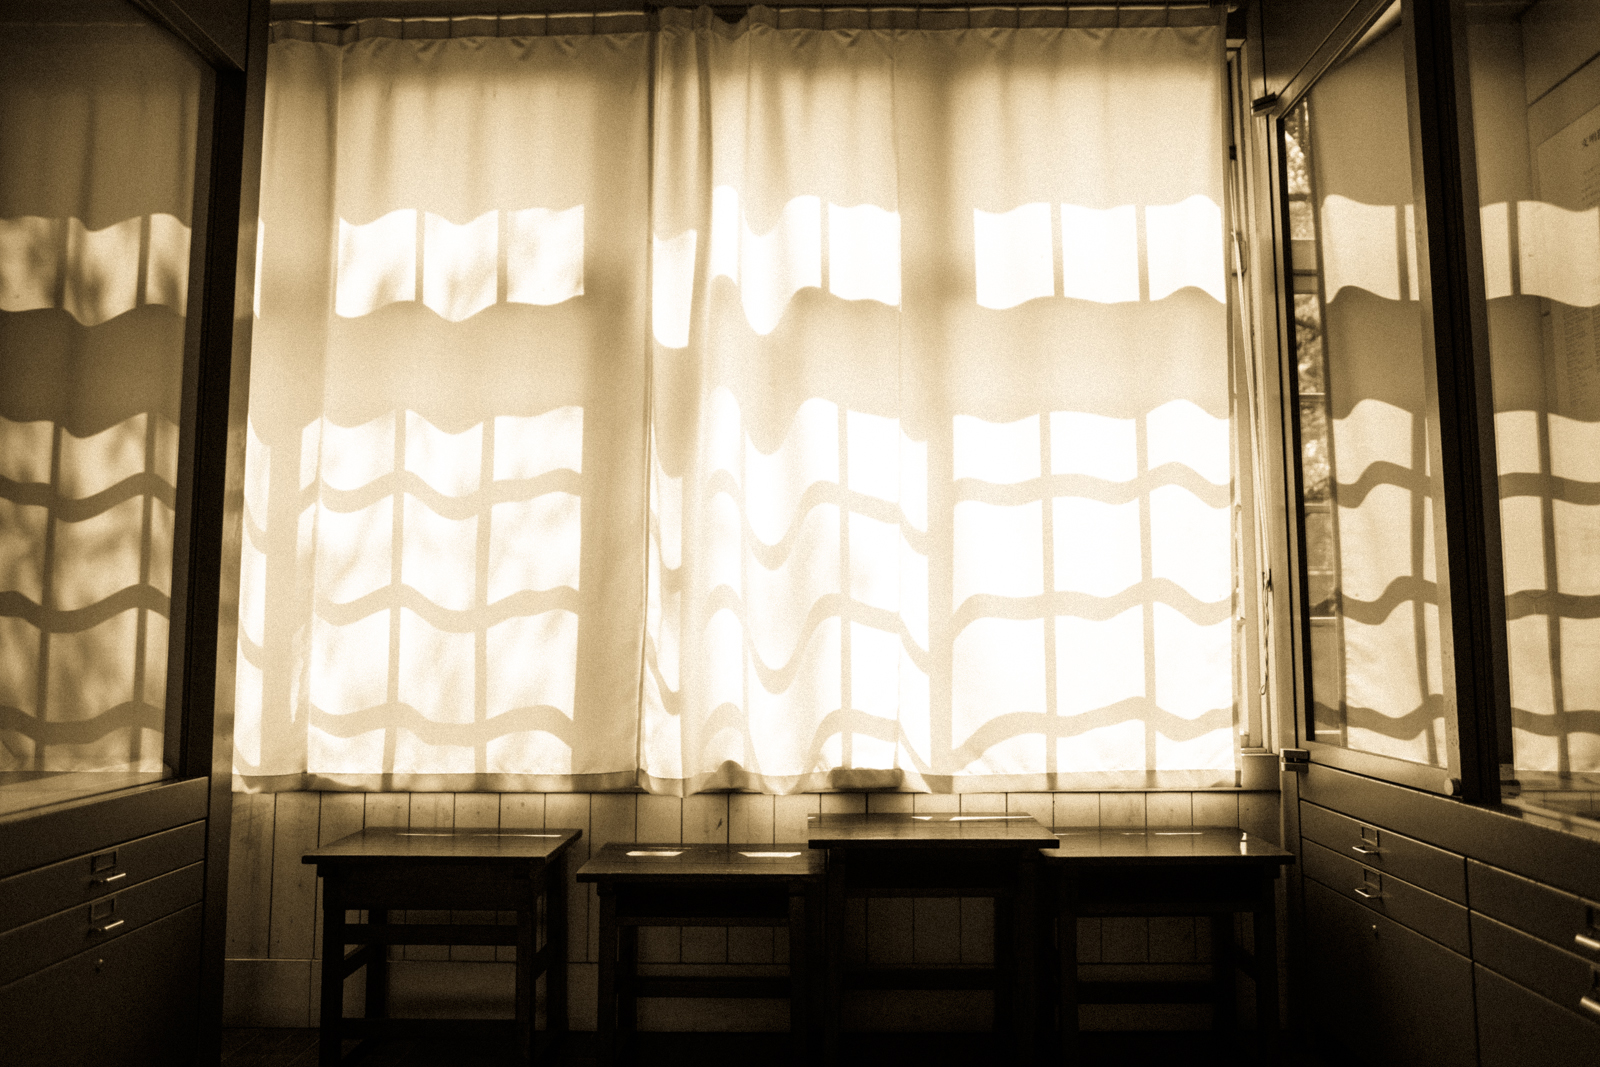 差し込む光ととカーテンの写真